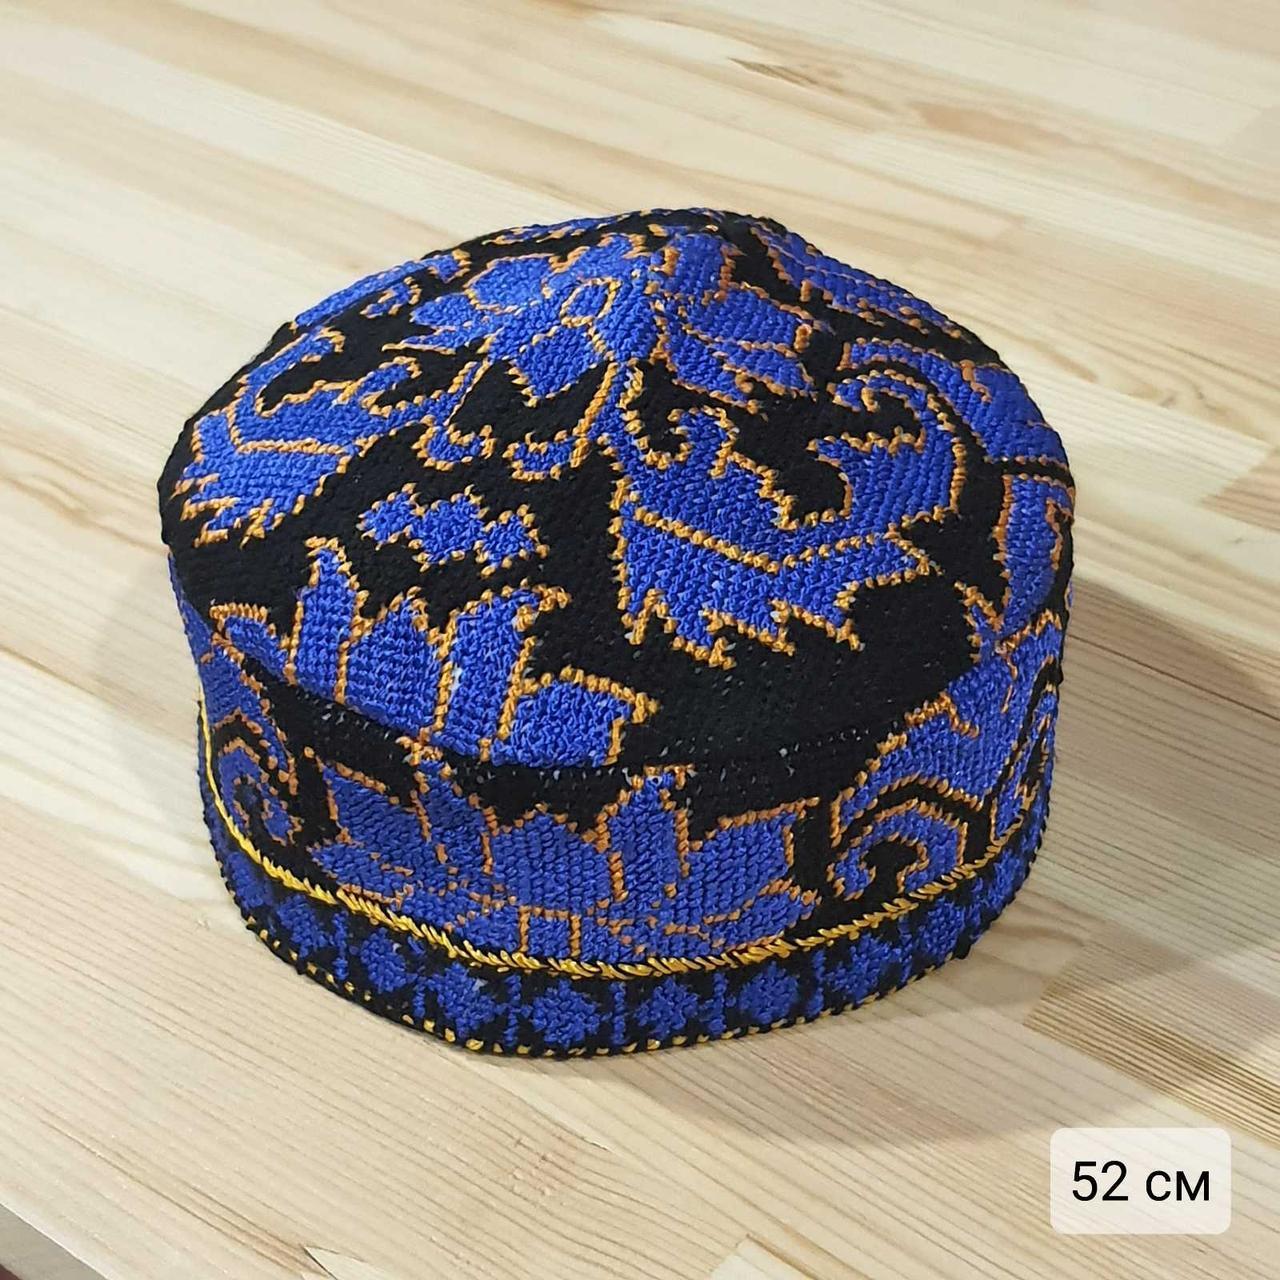 Узбекская тюбетейка 52 см. Ручная вышивка. Узбекистан (52_1)